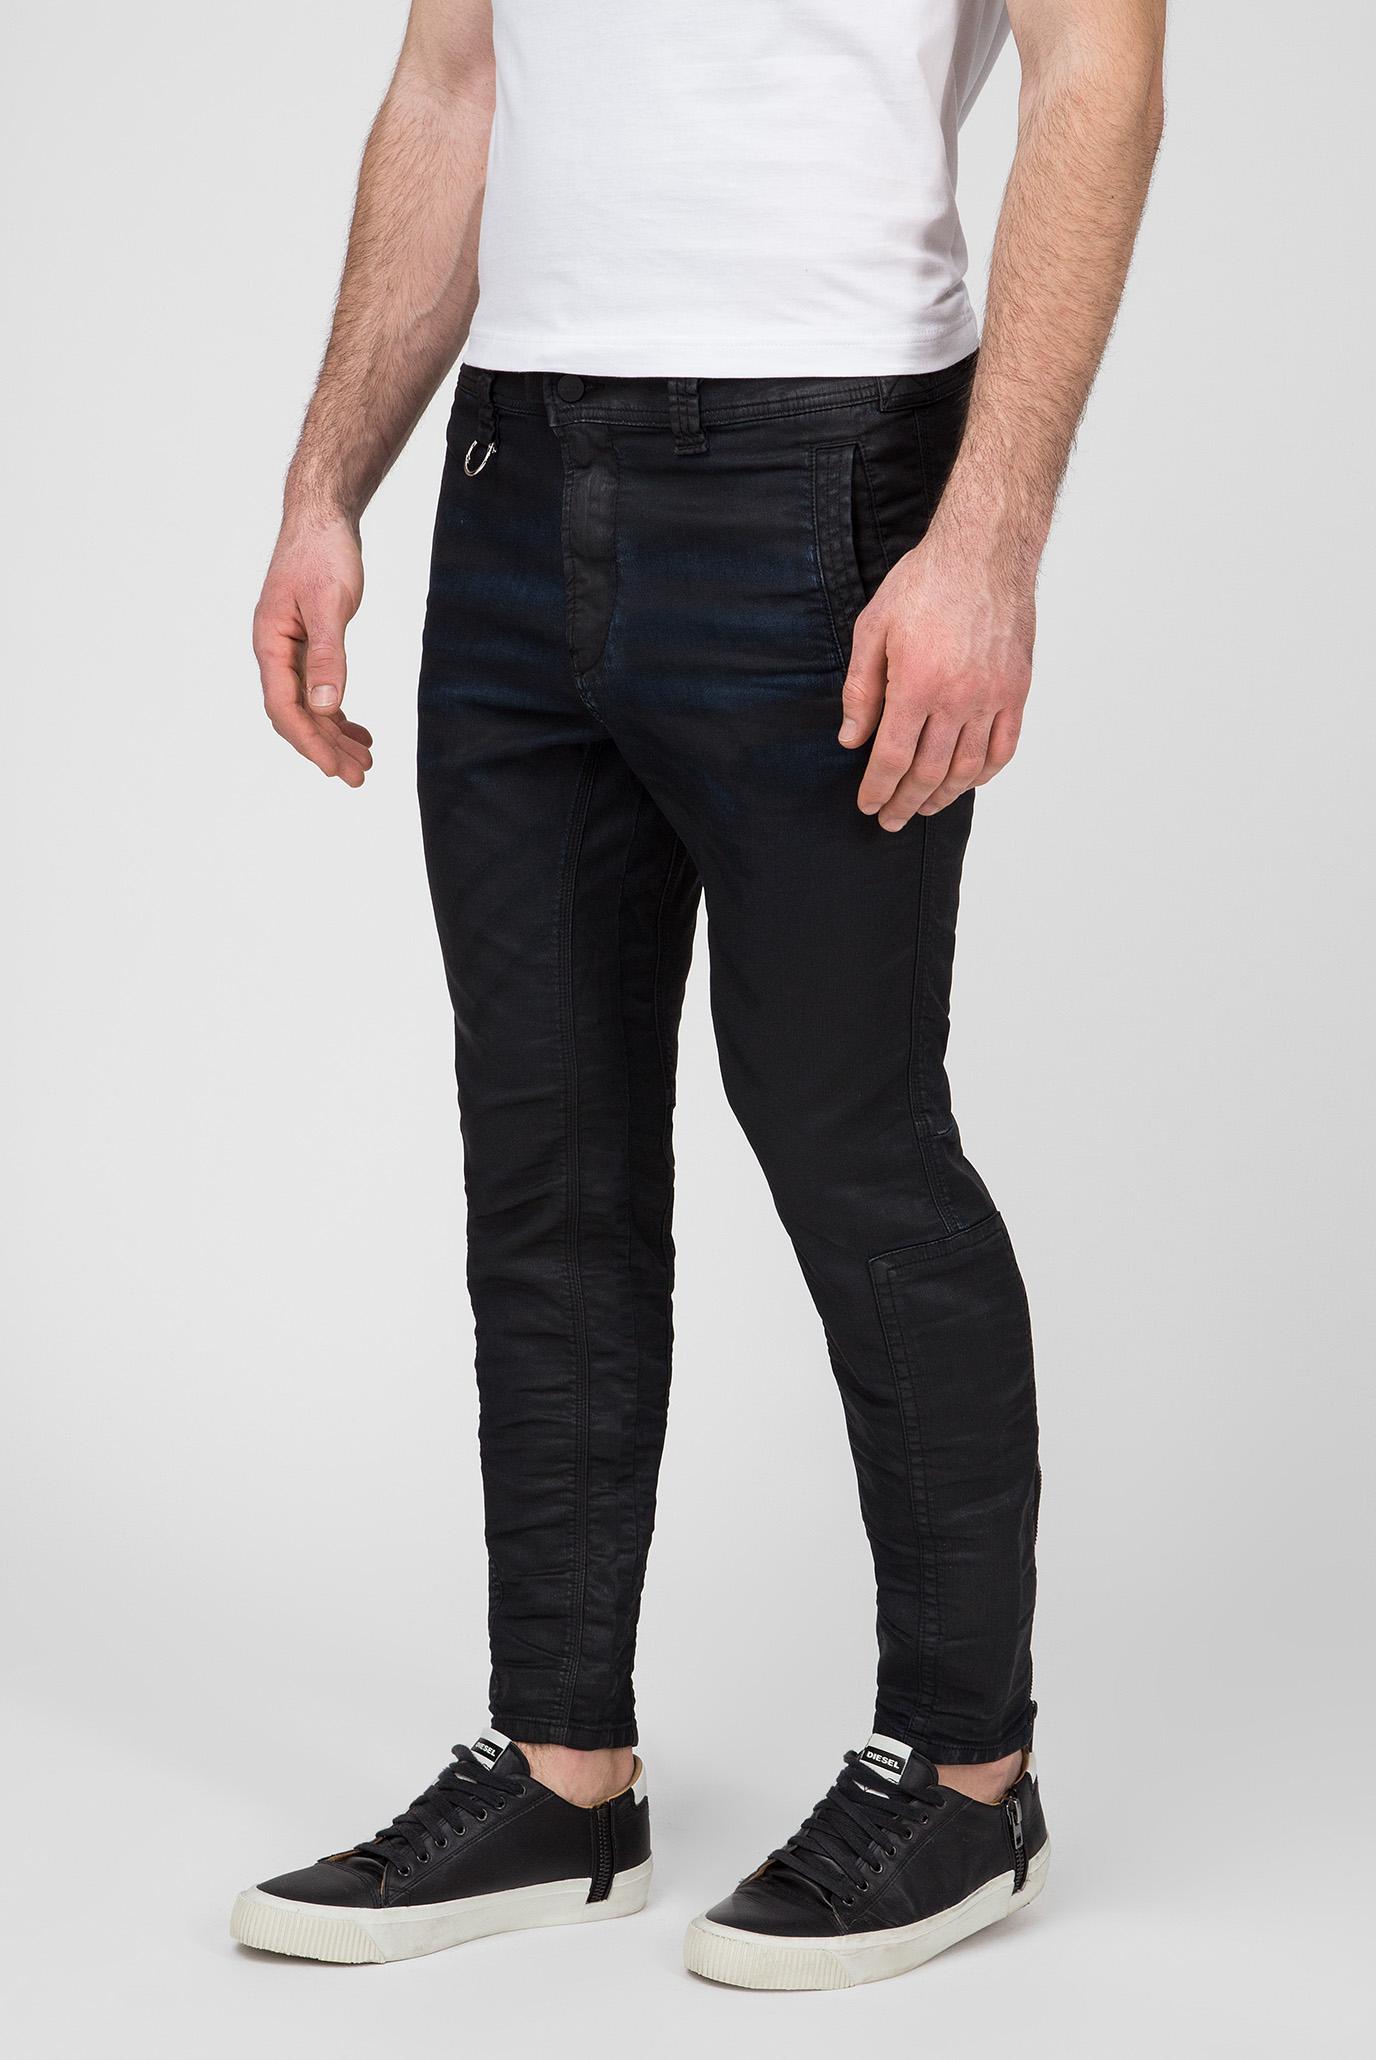 Купить Мужские черные джинсы D-EARBY-NE Sweat Jeans Diesel Diesel 00SPUF 0688U – Киев, Украина. Цены в интернет магазине MD Fashion